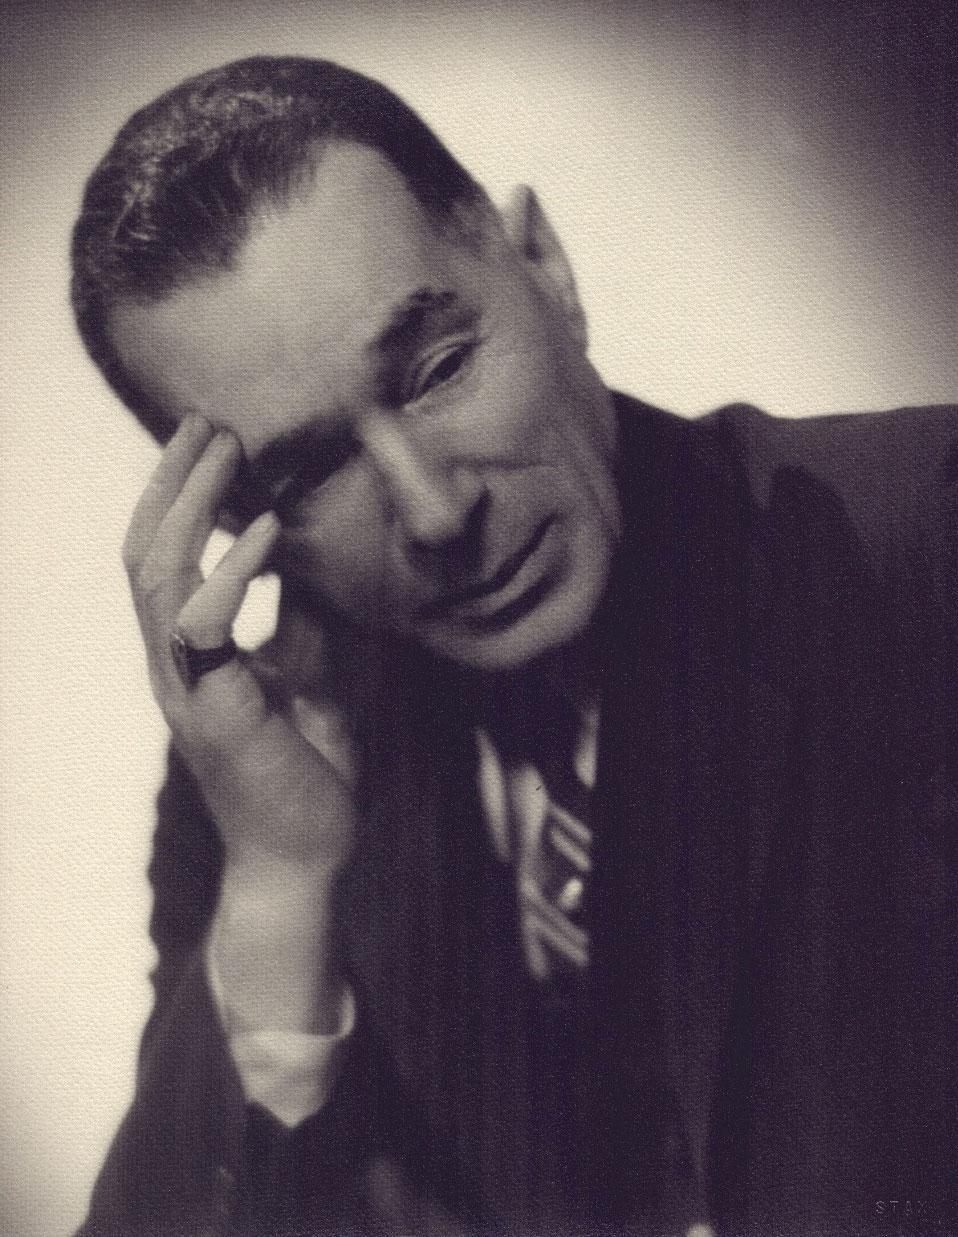 Rob Stolzer's photograph of George Herriman, circa 1940